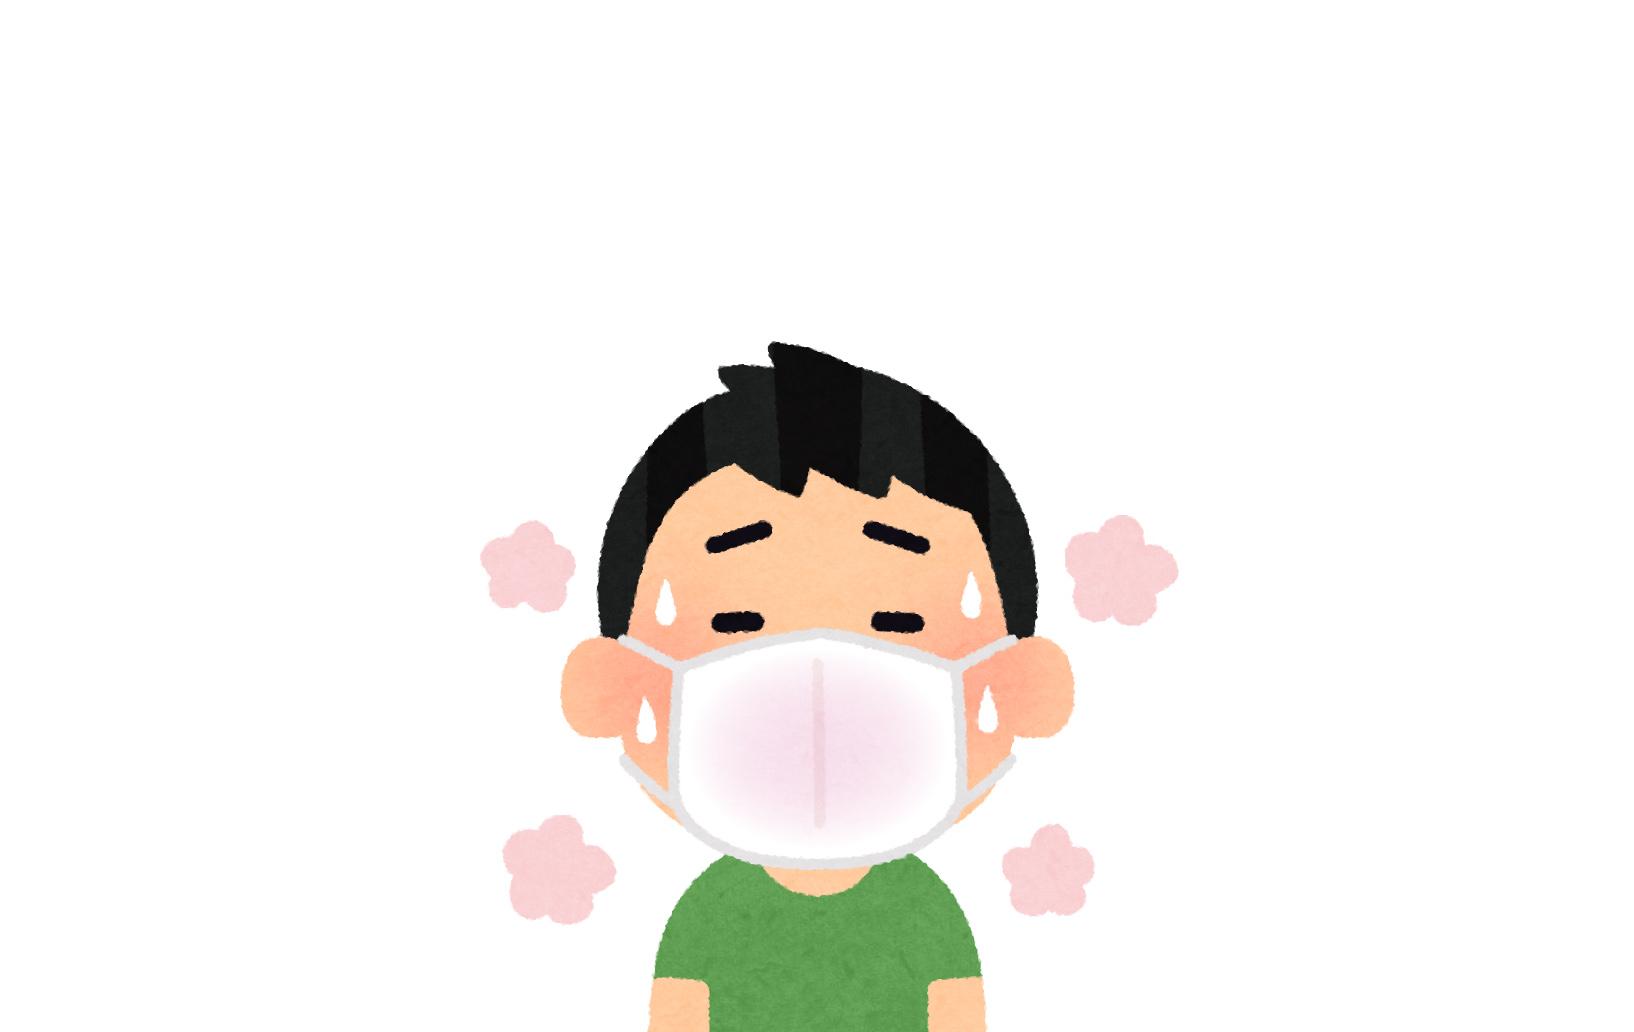 マスクは暑い